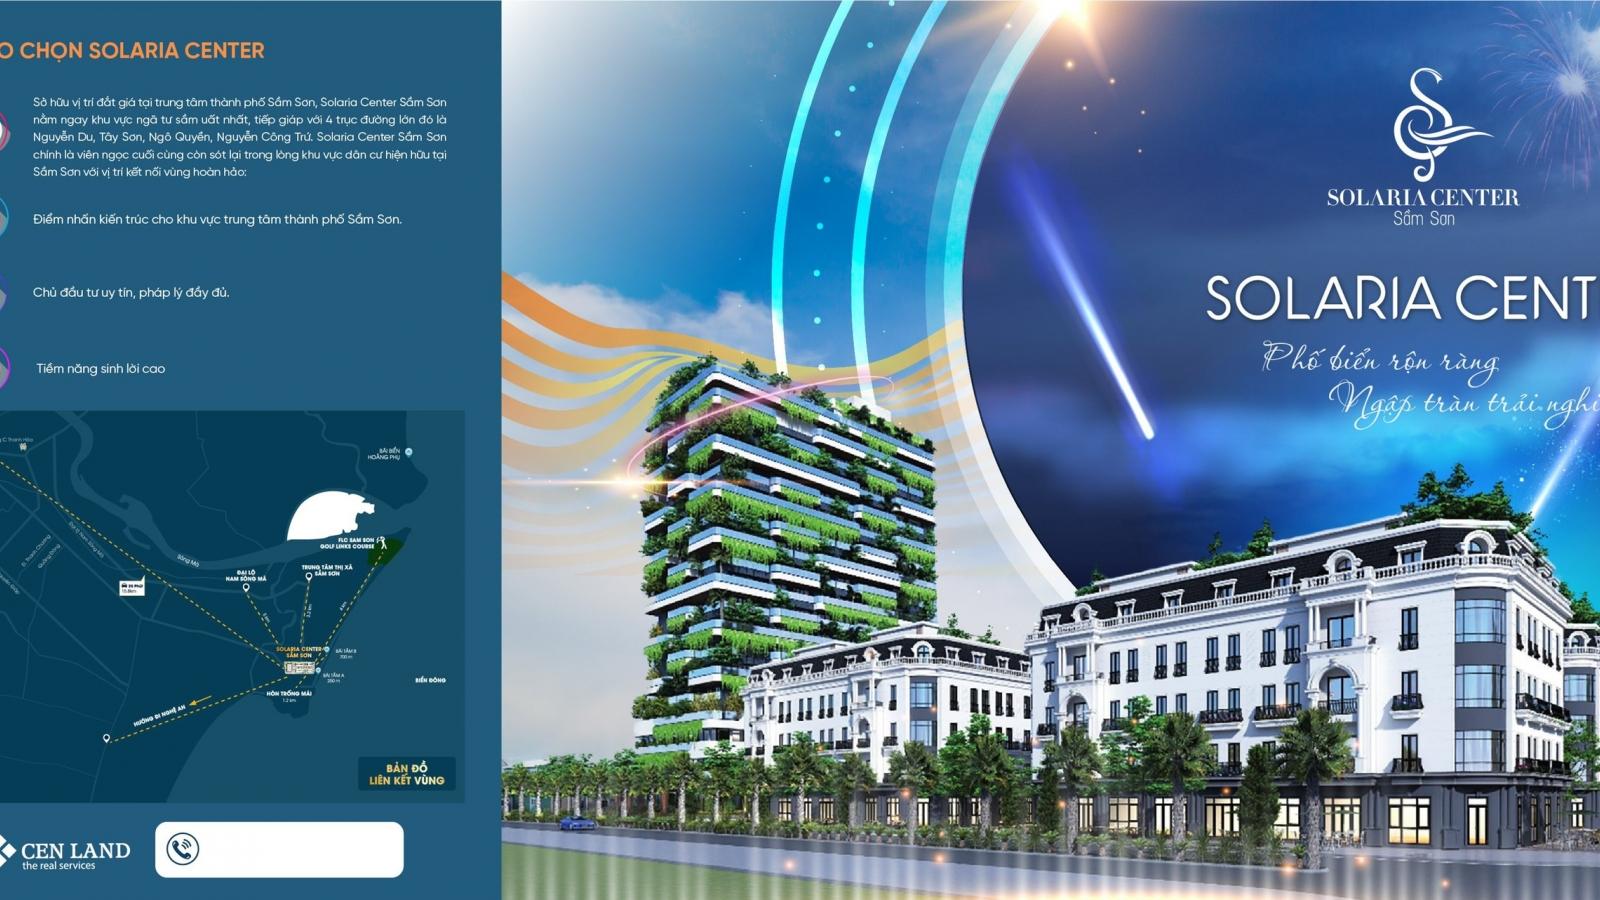 Thịnh Phát Group hướng vào thị trường bất động sản Quảng Ninh và Thanh Hóa